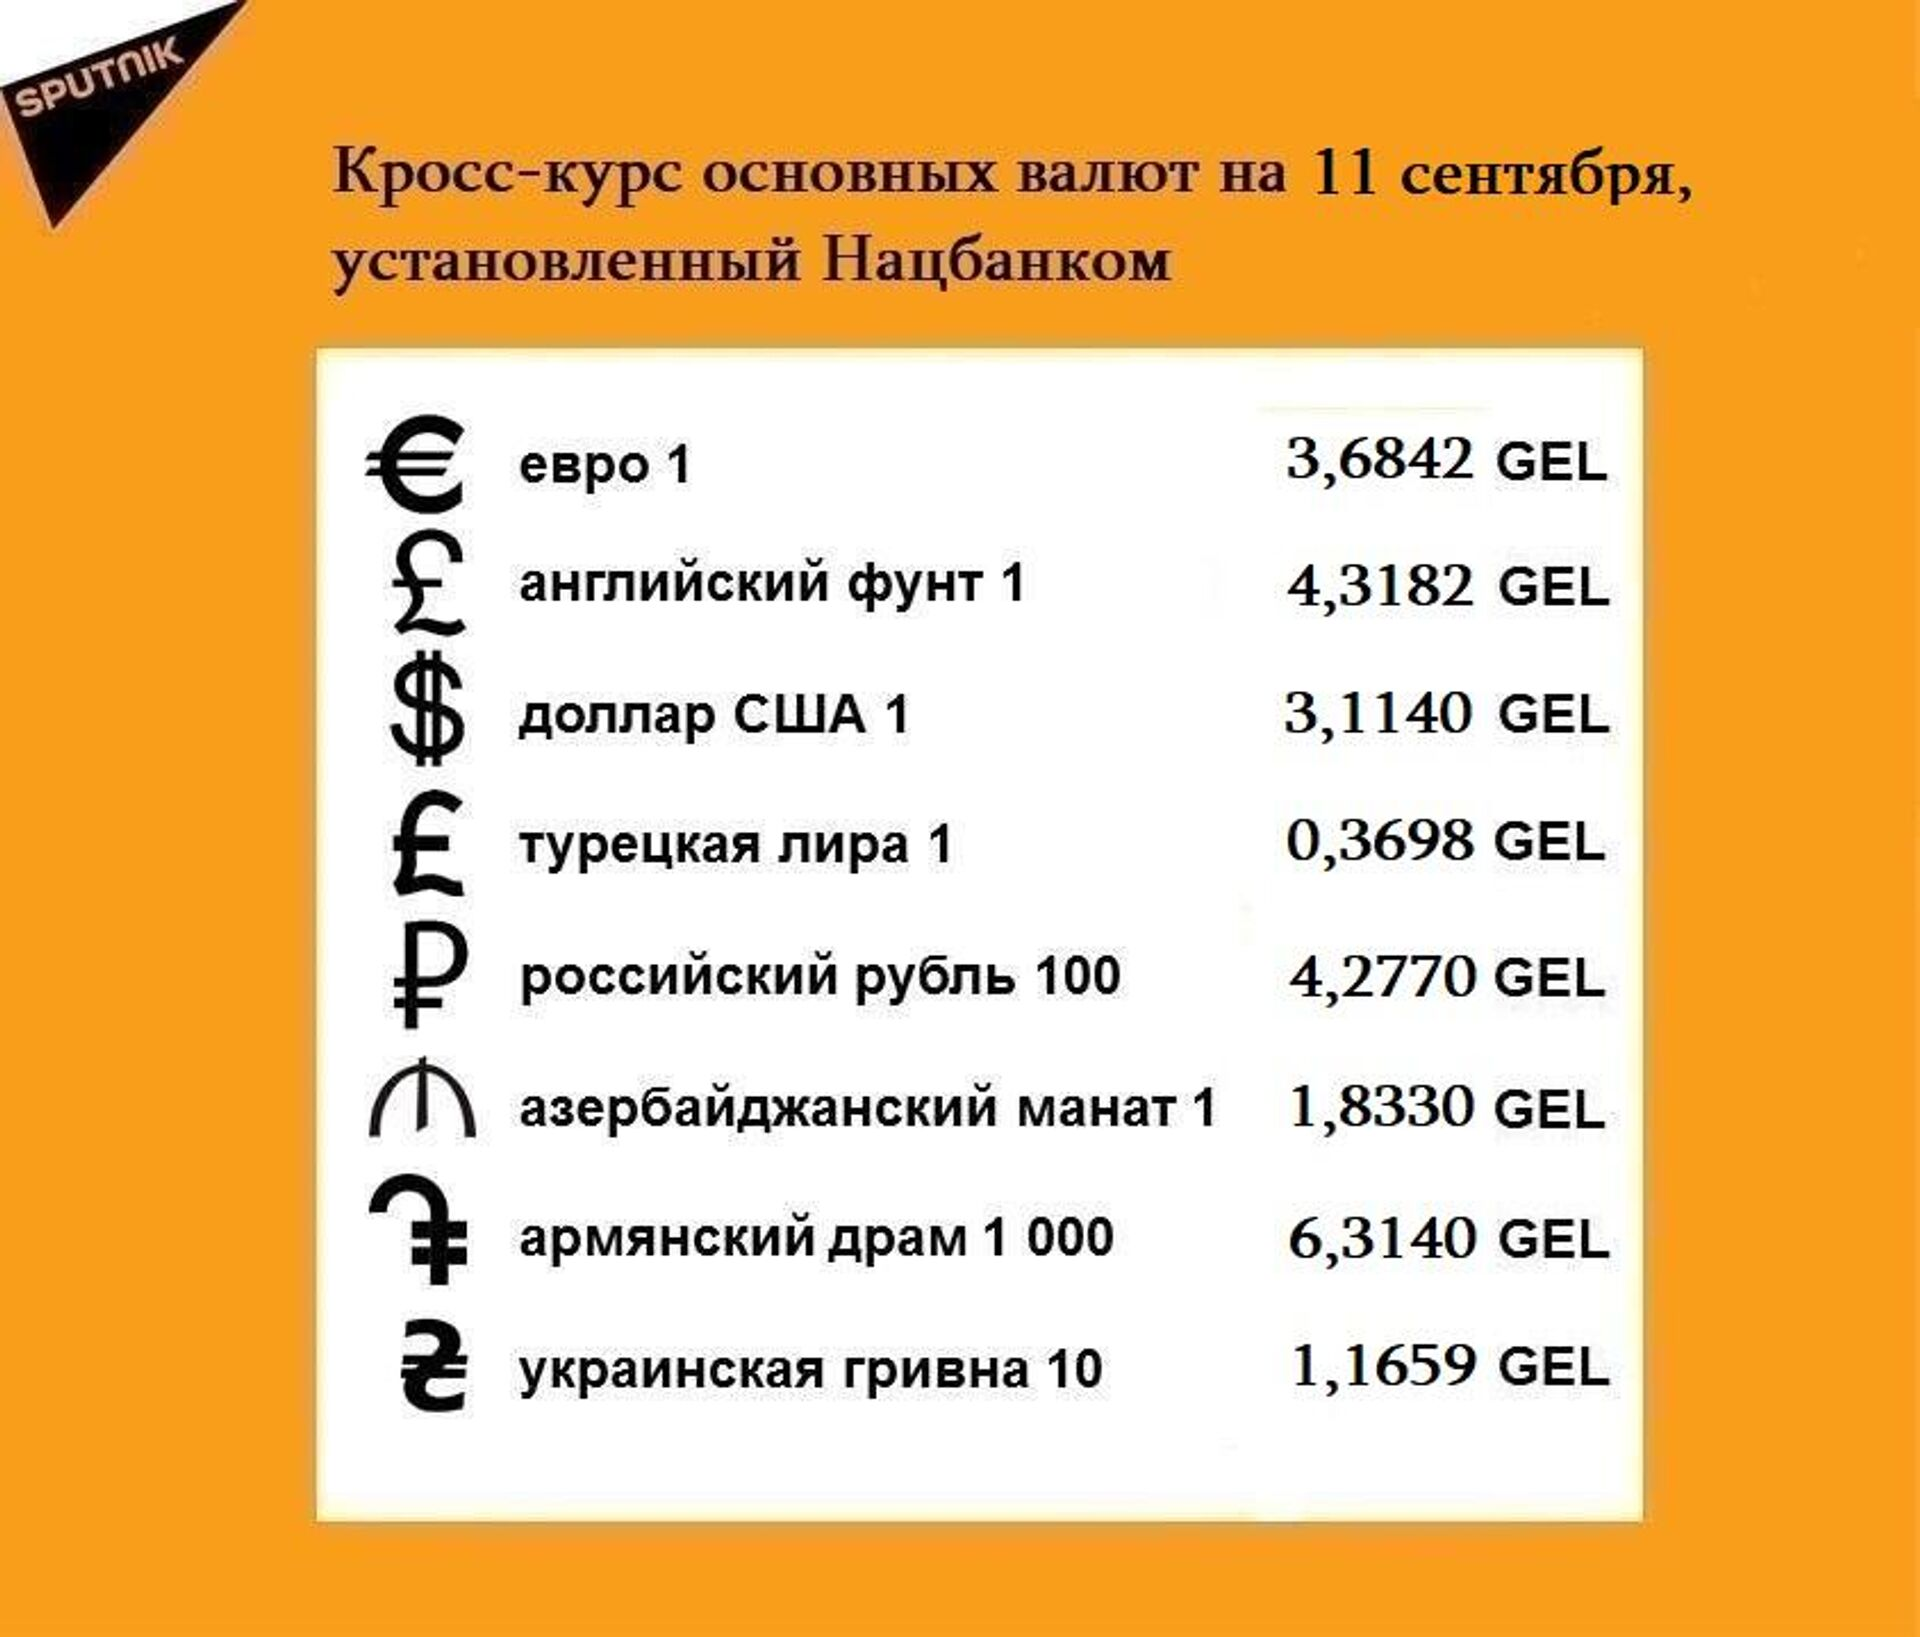 Кросс-курс основных валют на 11 сентября - Sputnik Грузия, 1920, 10.09.2021